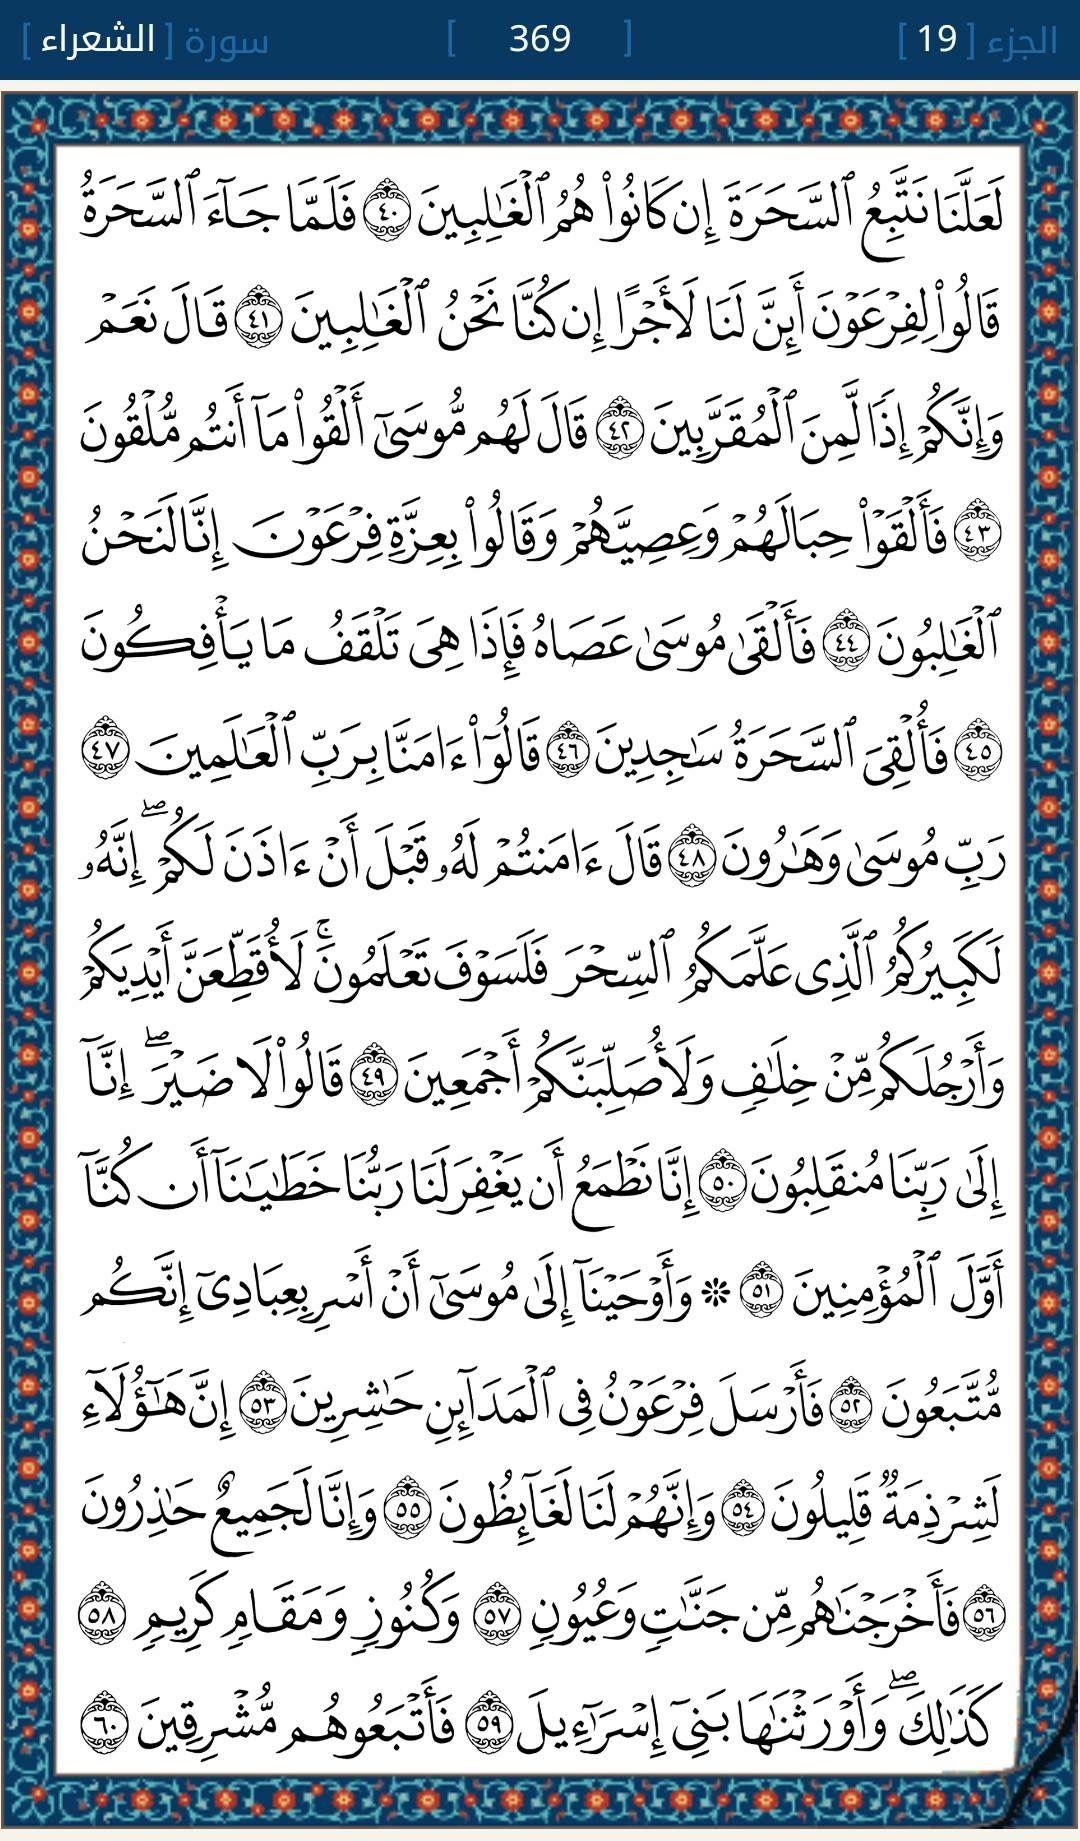 ٤٠ ٦٠ الشعراء Quran Book Holy Quran Book Architecture Collection